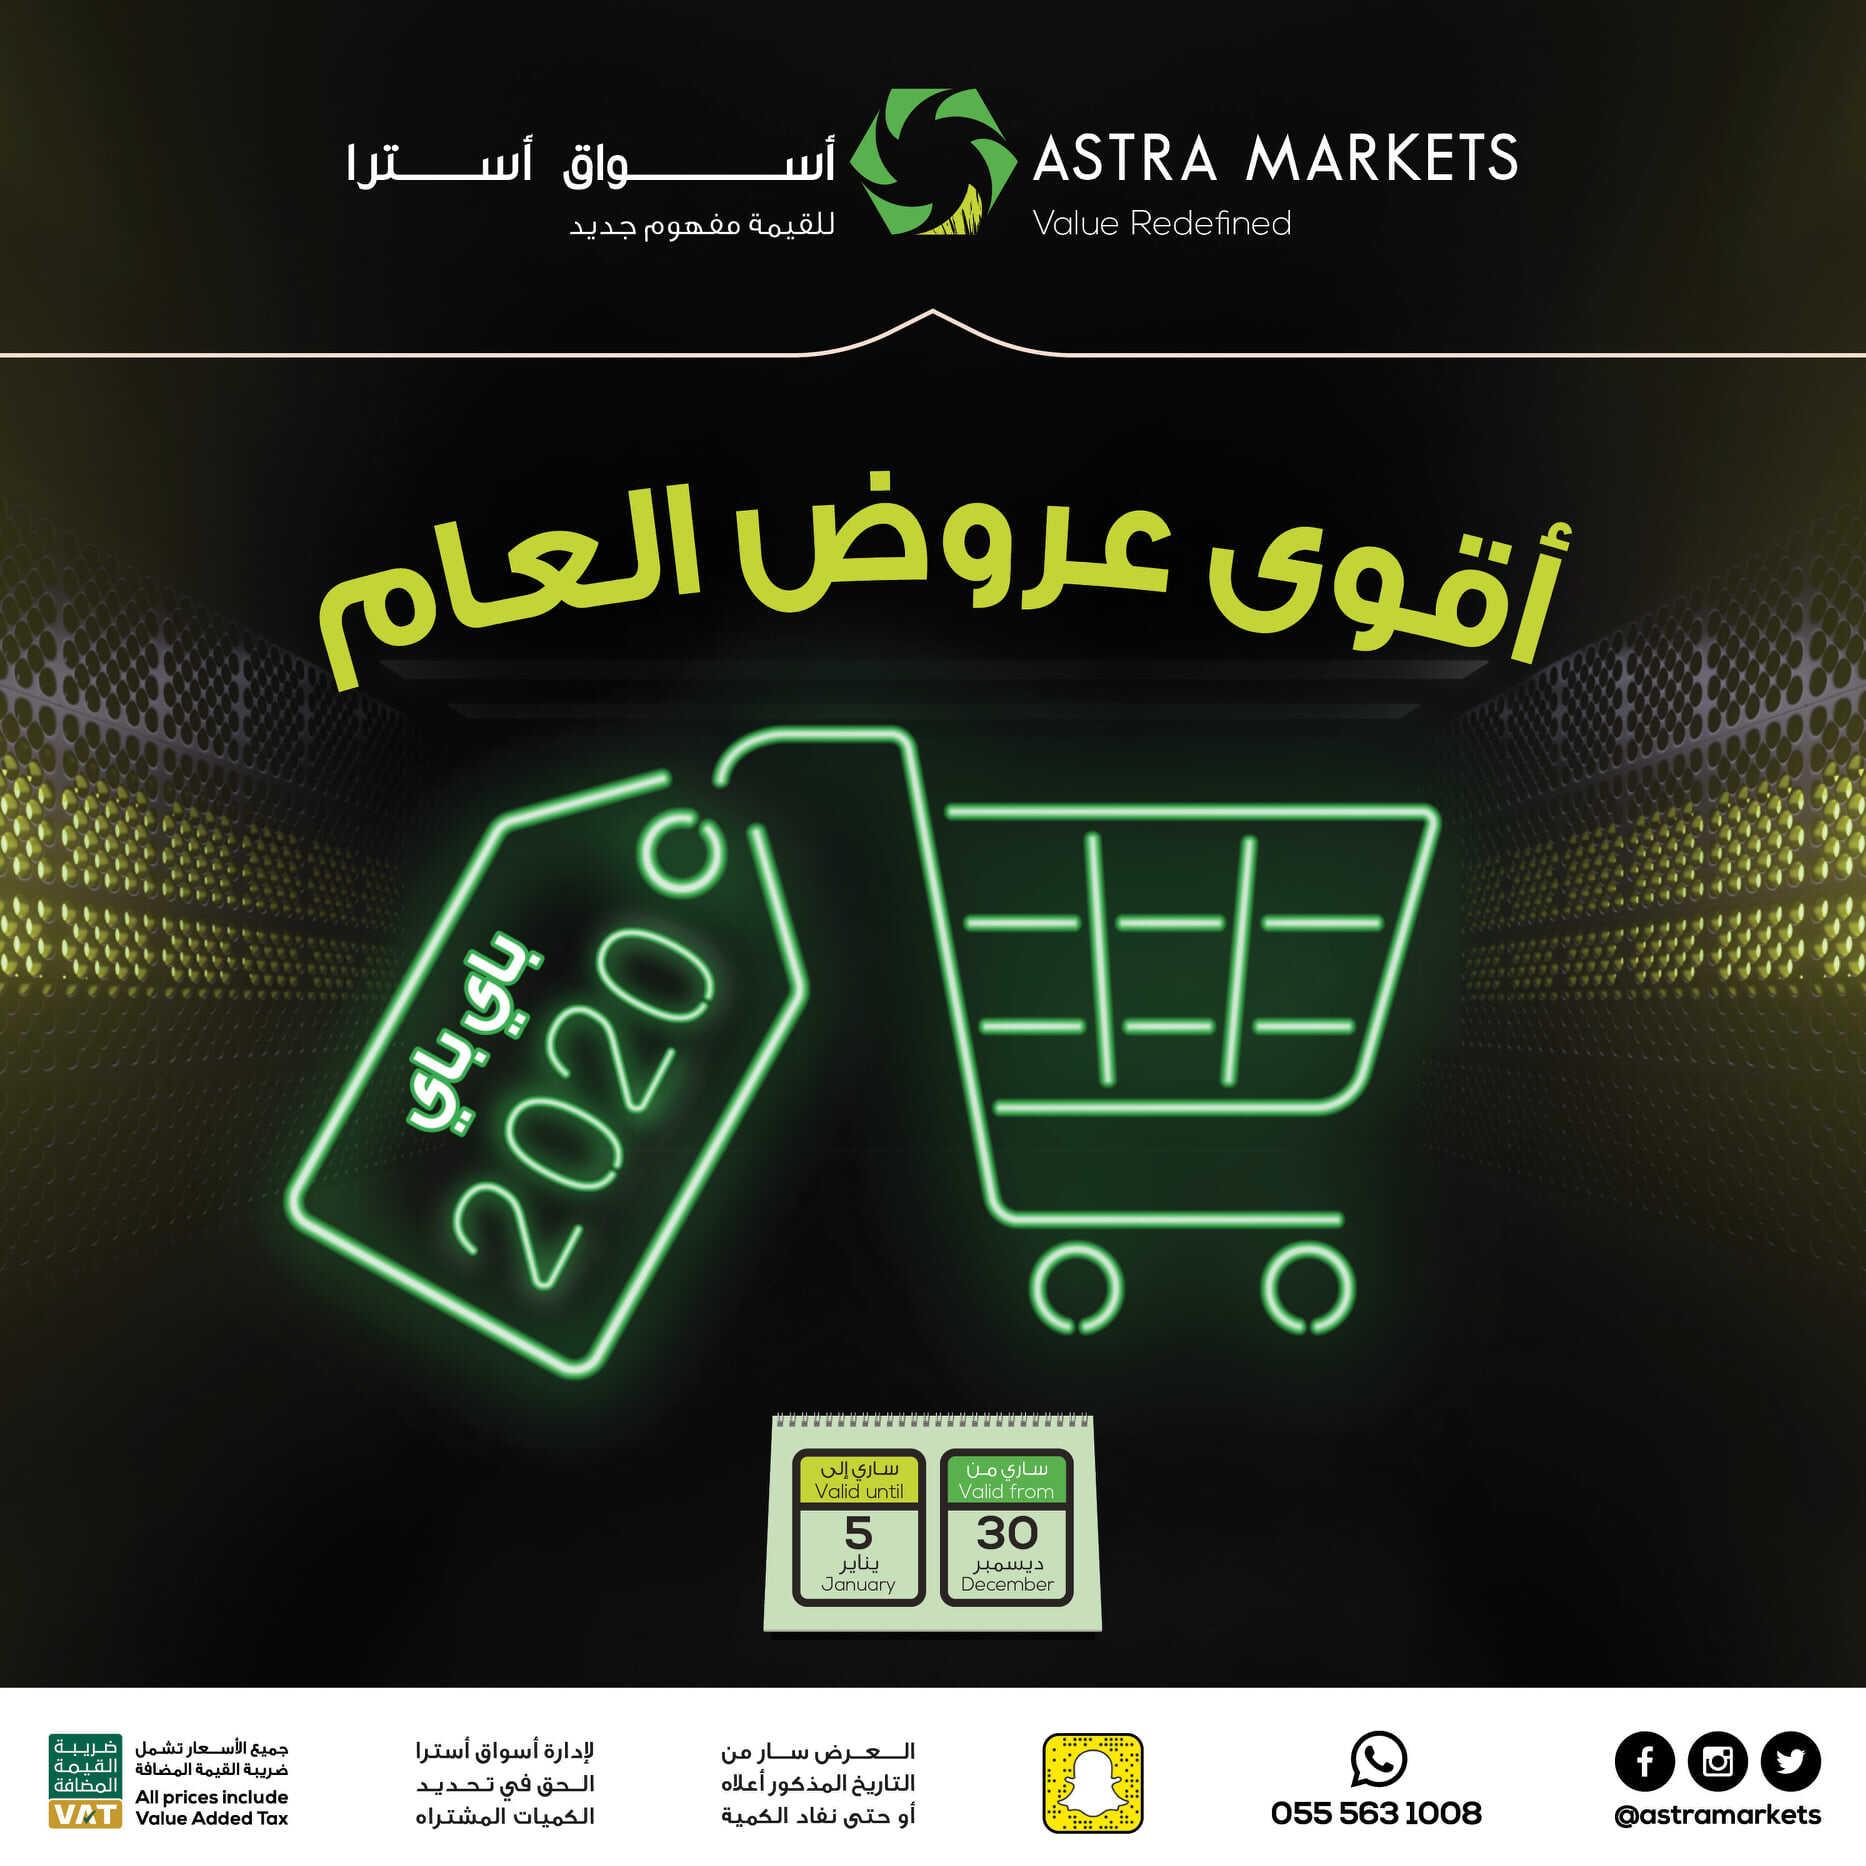 عروض أسواق استرا اليوم الأربعاء 30 ديسمبر  2020 الموافق 15 جمادى الأول 1442هـ